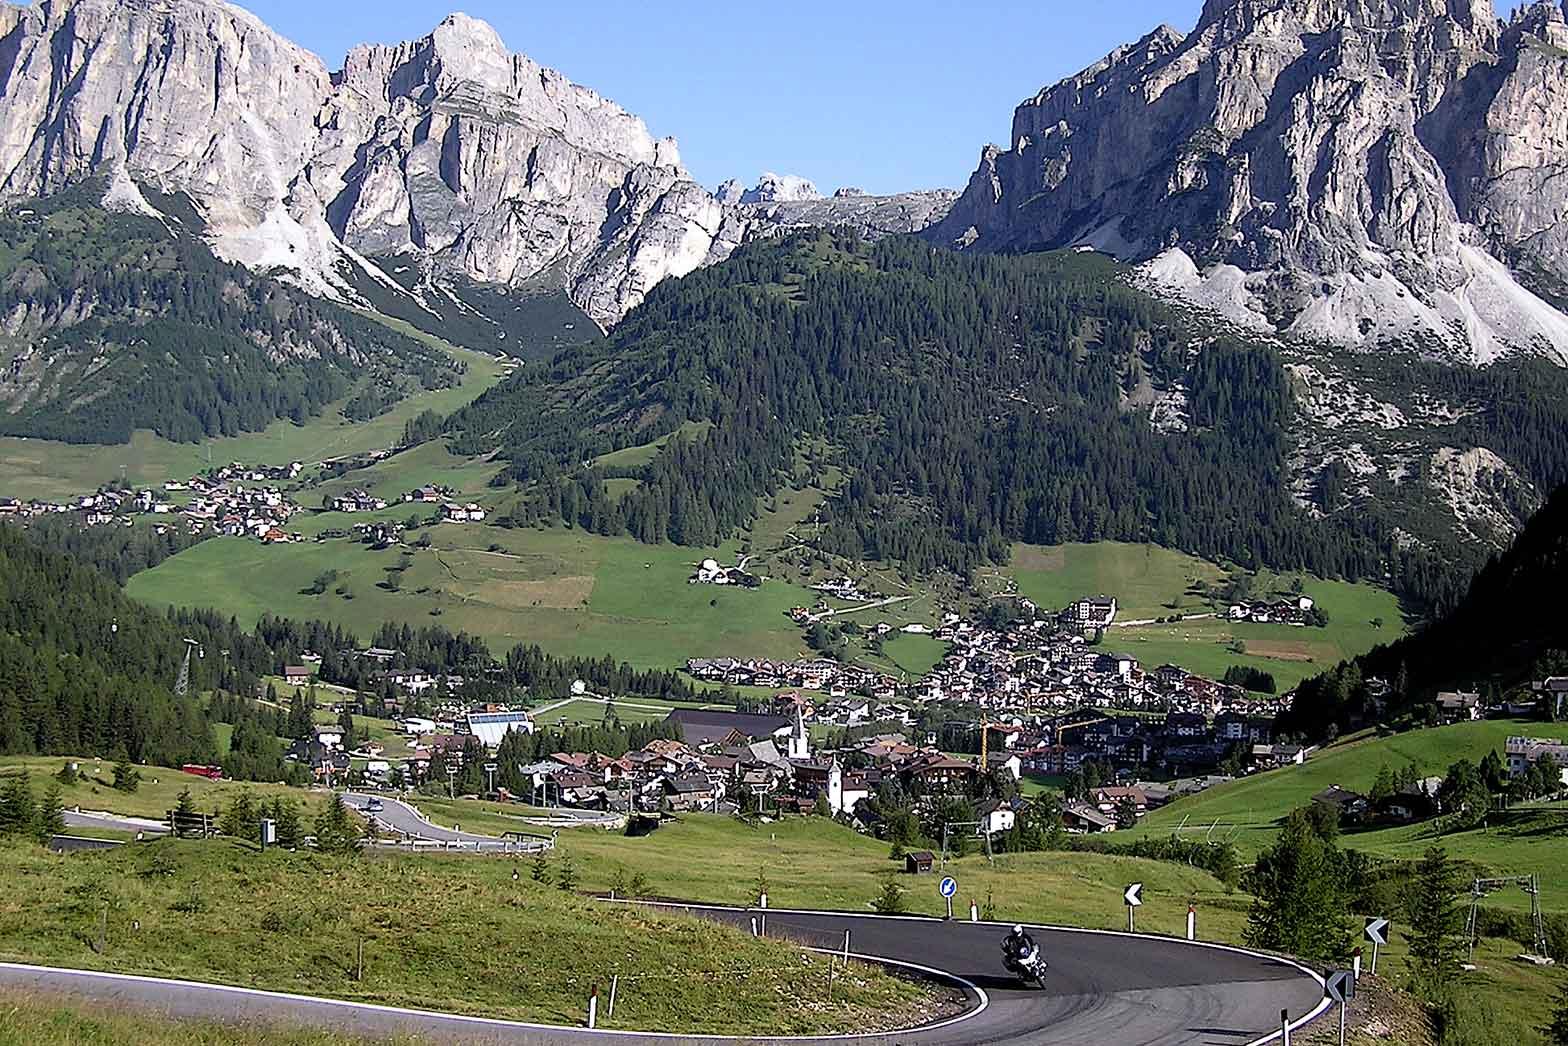 Corvara - Italian Dolomites, Bohemian Rhapsody